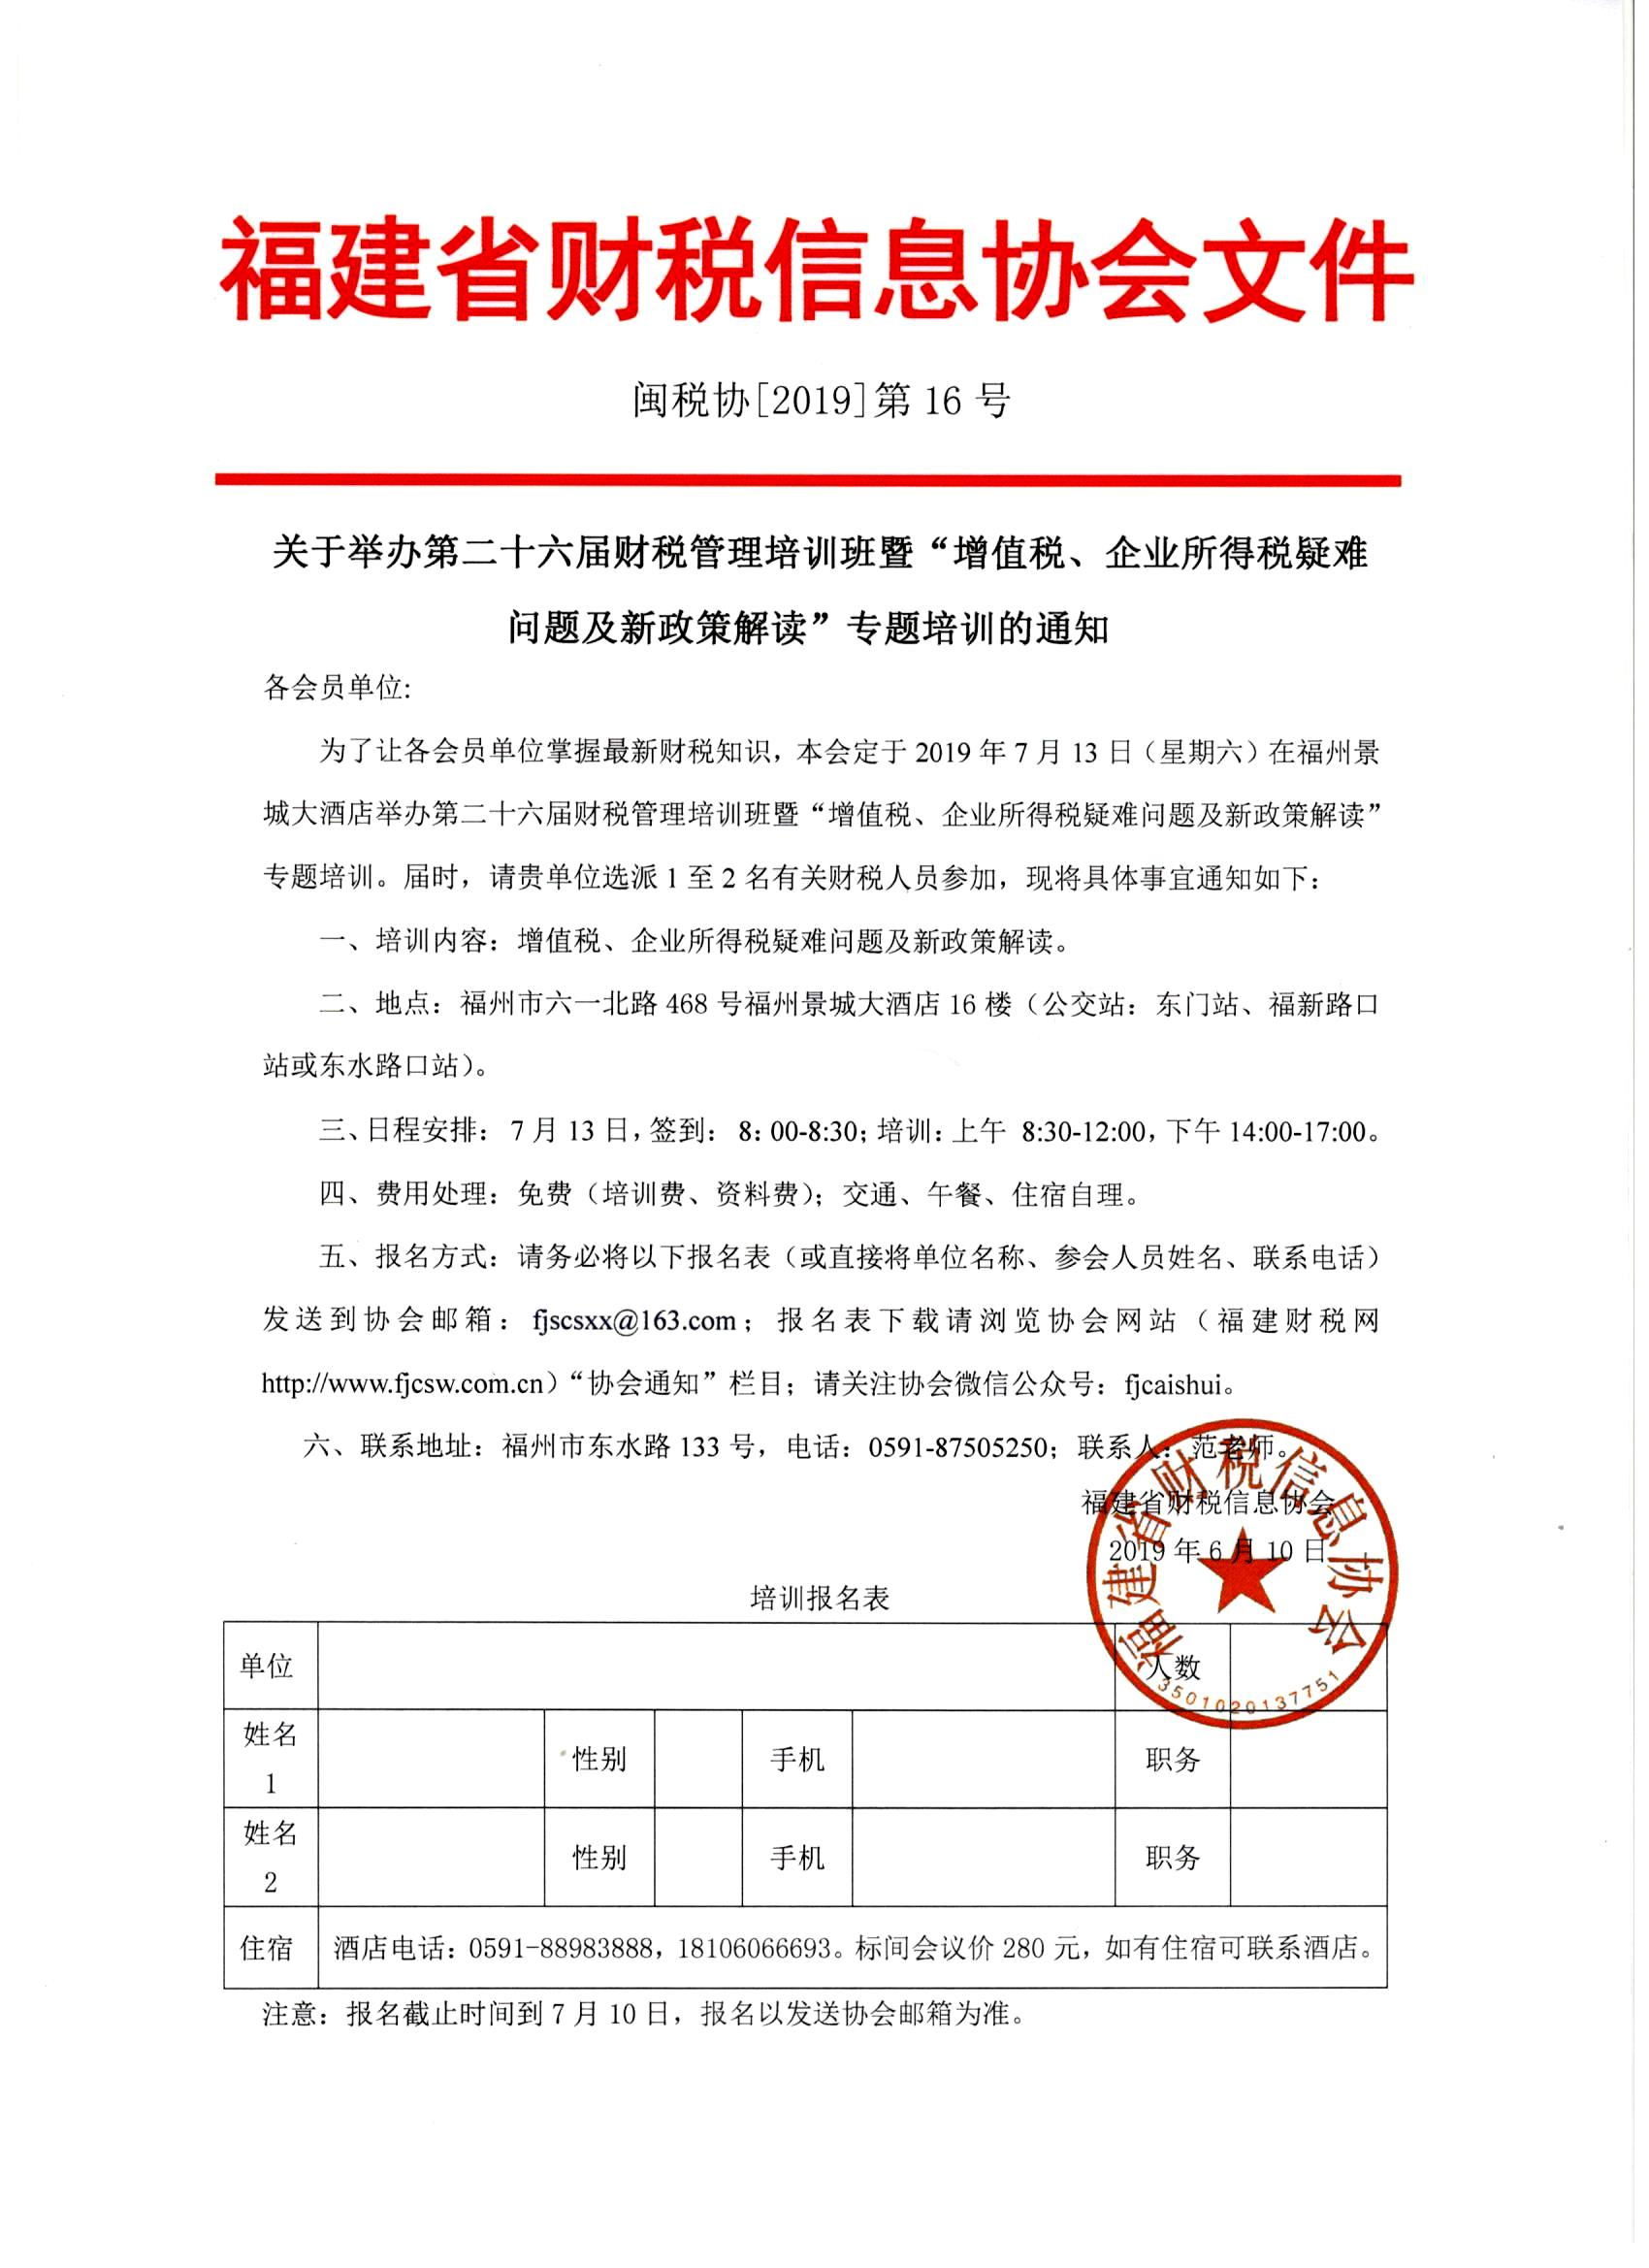 财税2019.7.13培训文件.jpg